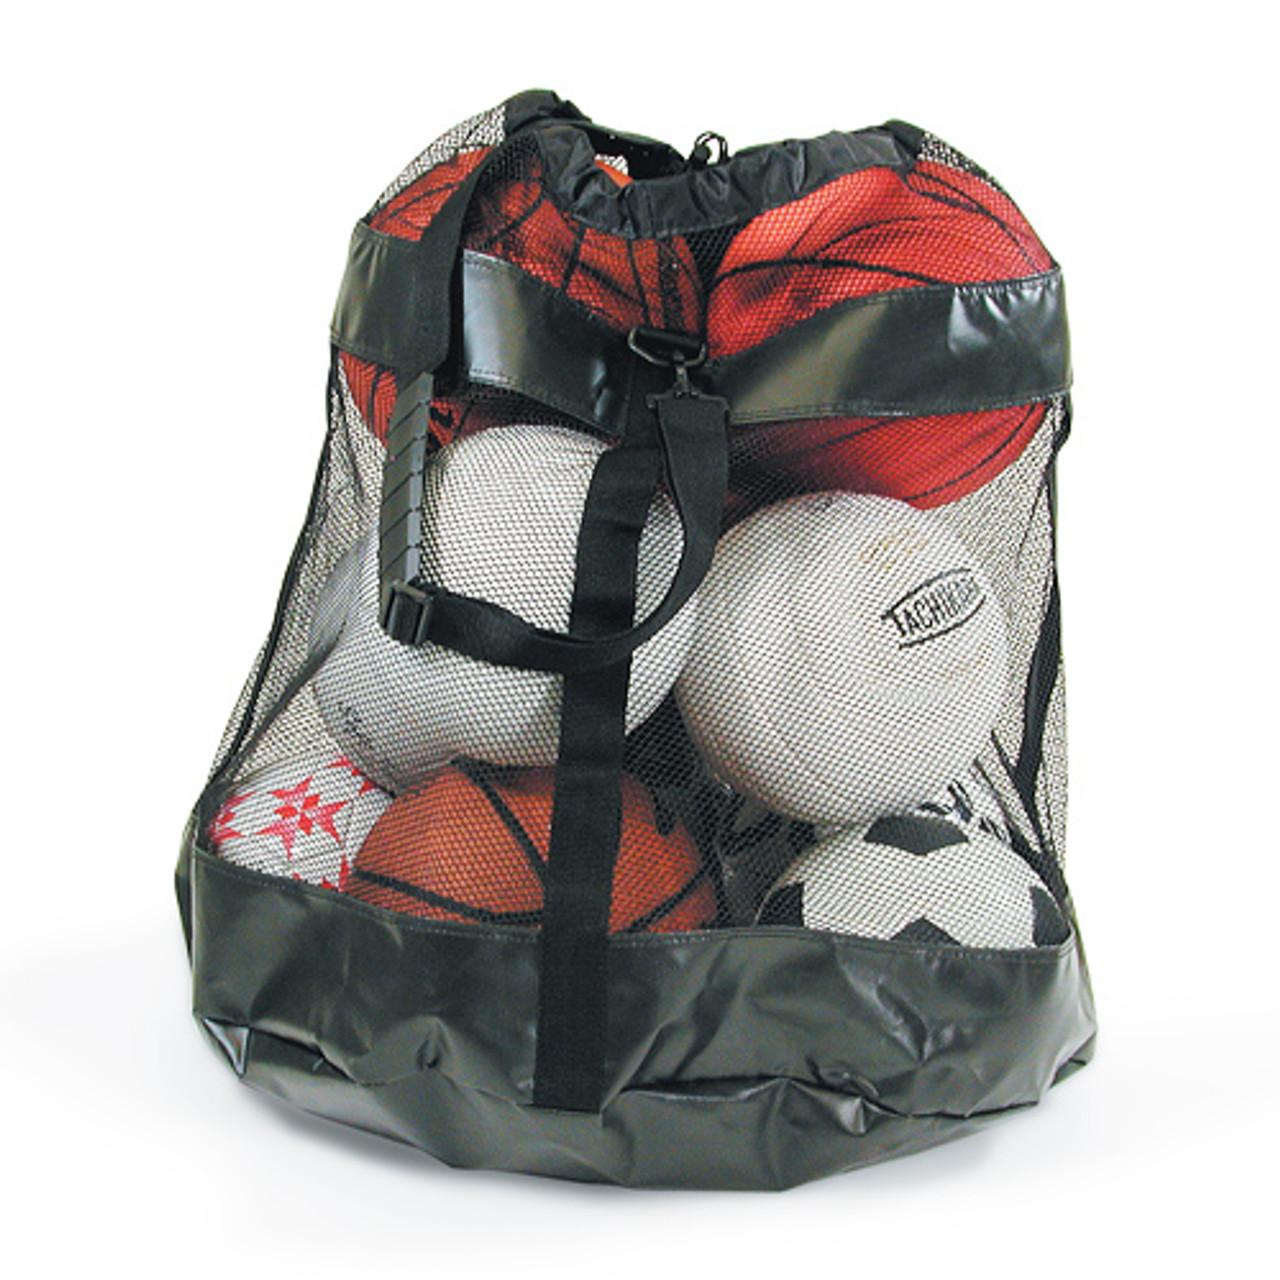 Mesh Ball Carrier